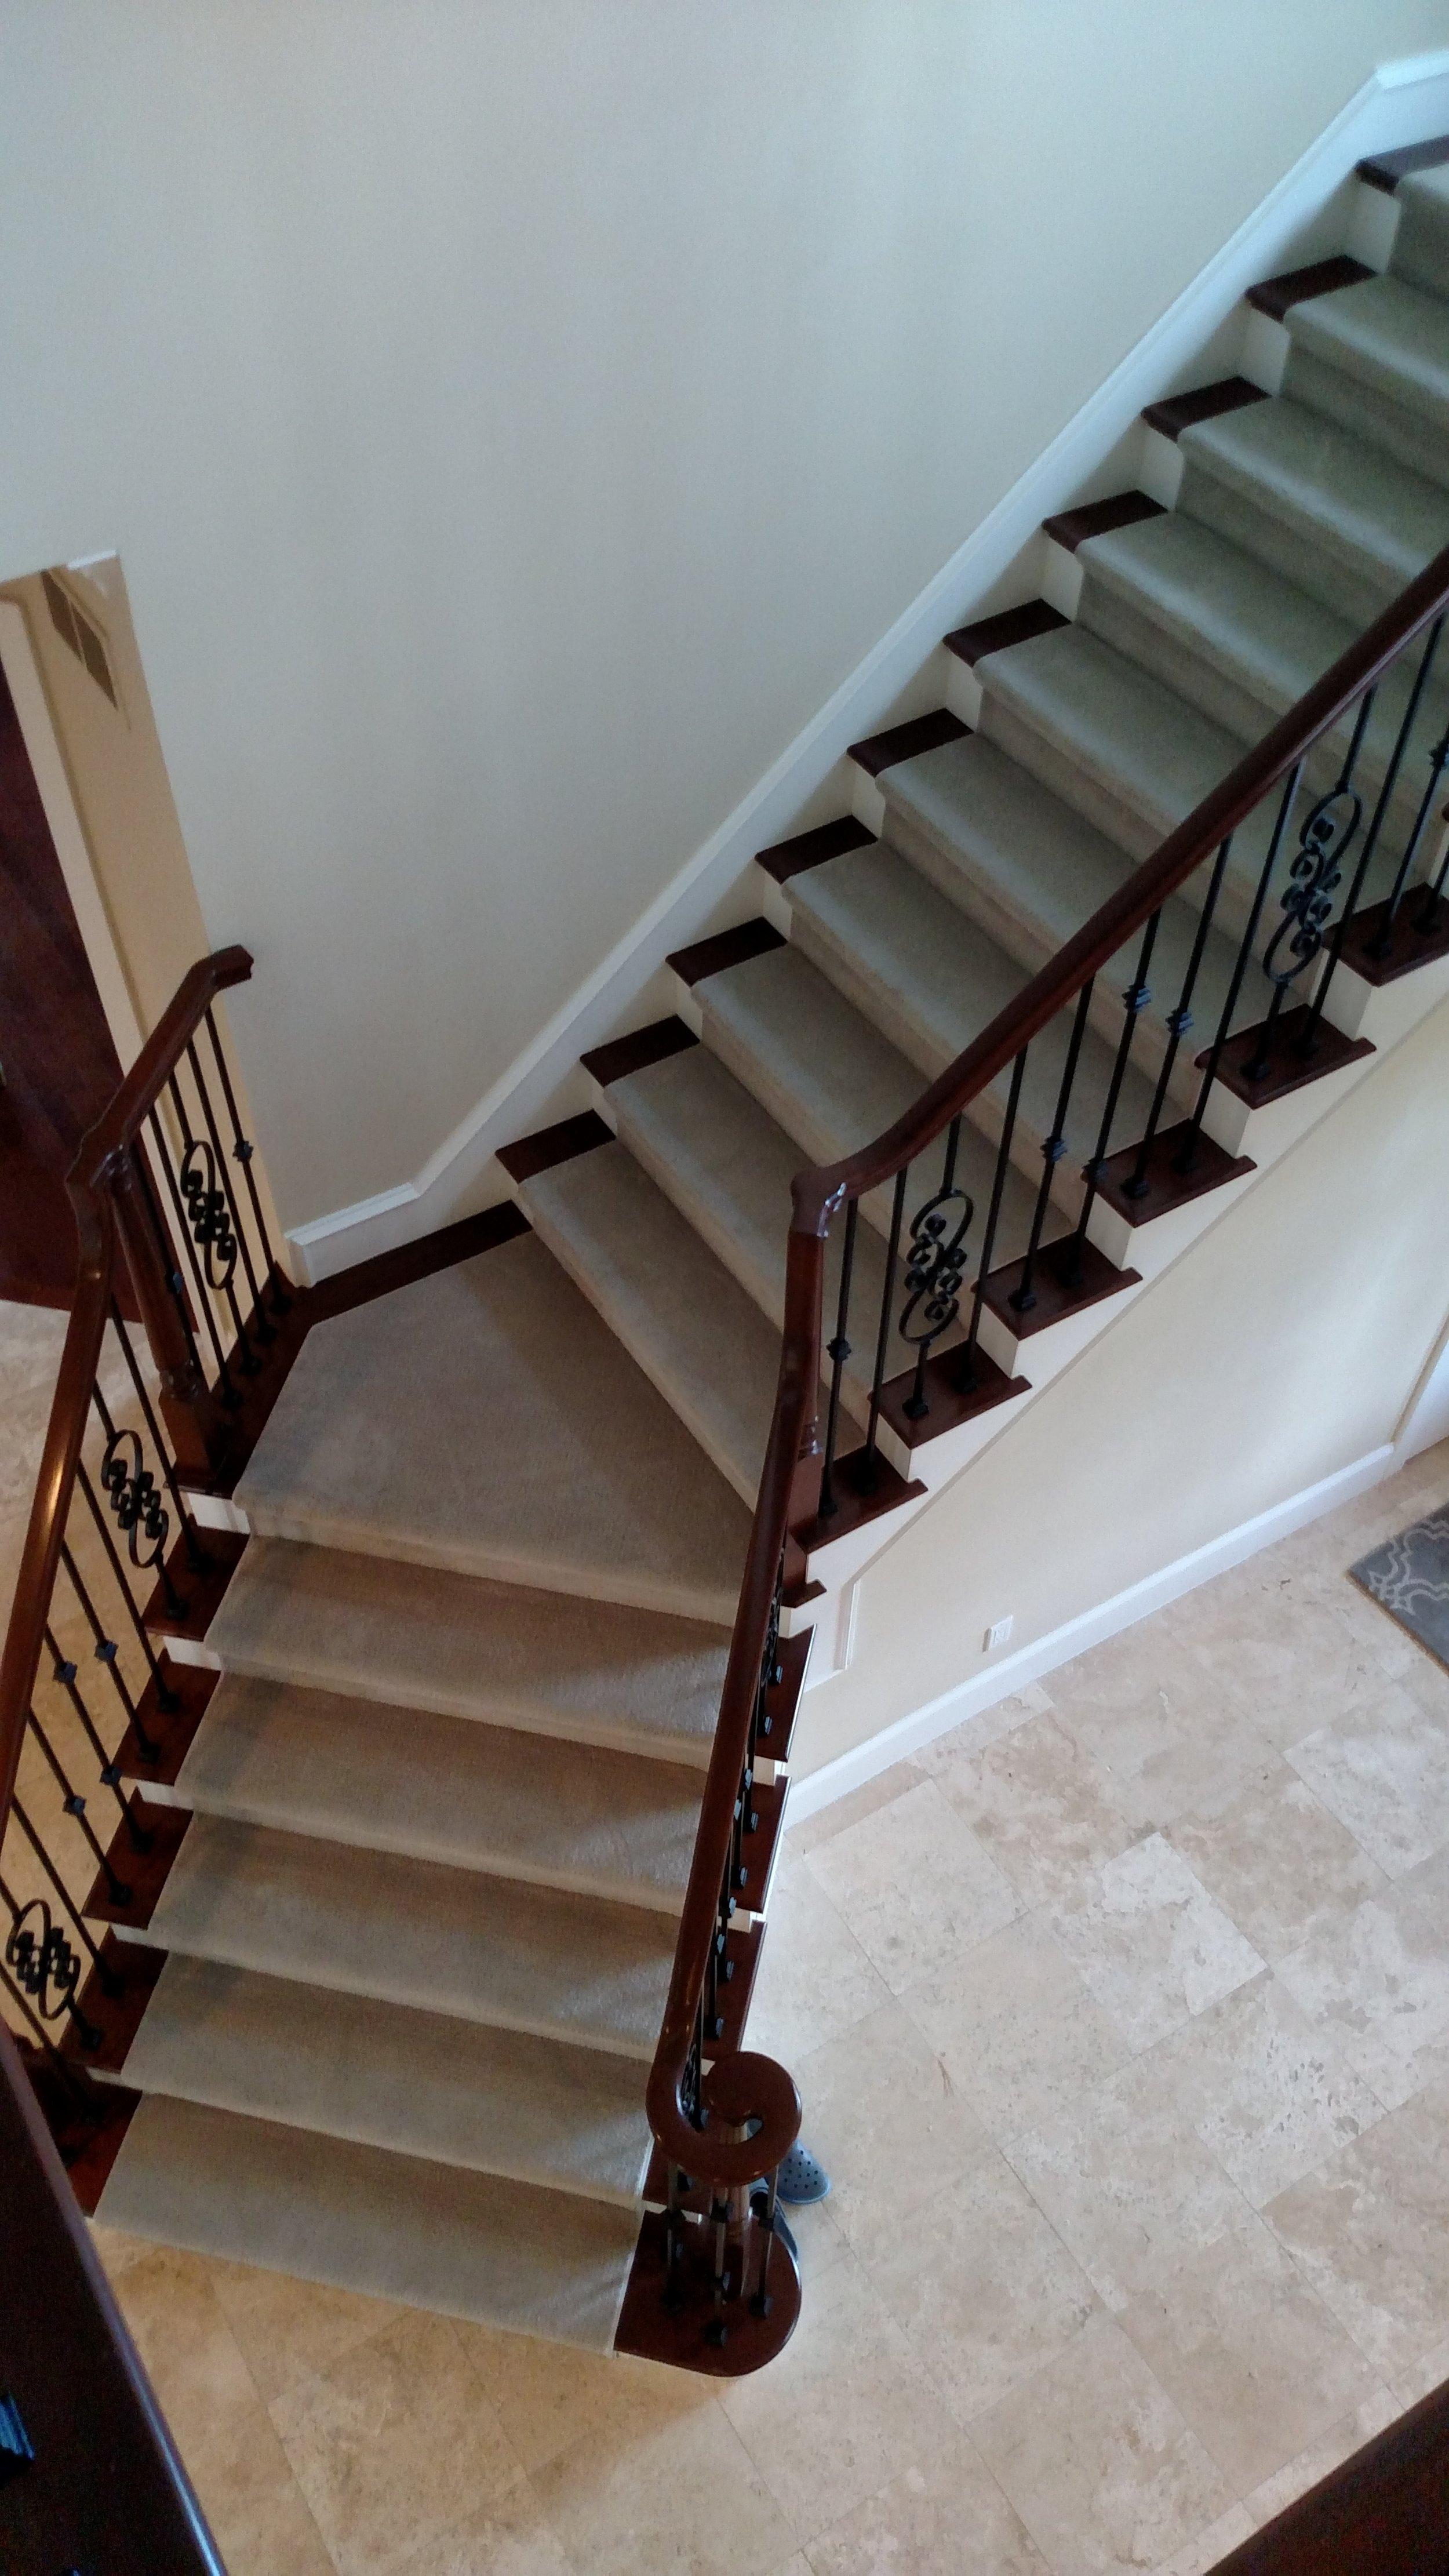 FurnitureStore Front Stairway5.jpg